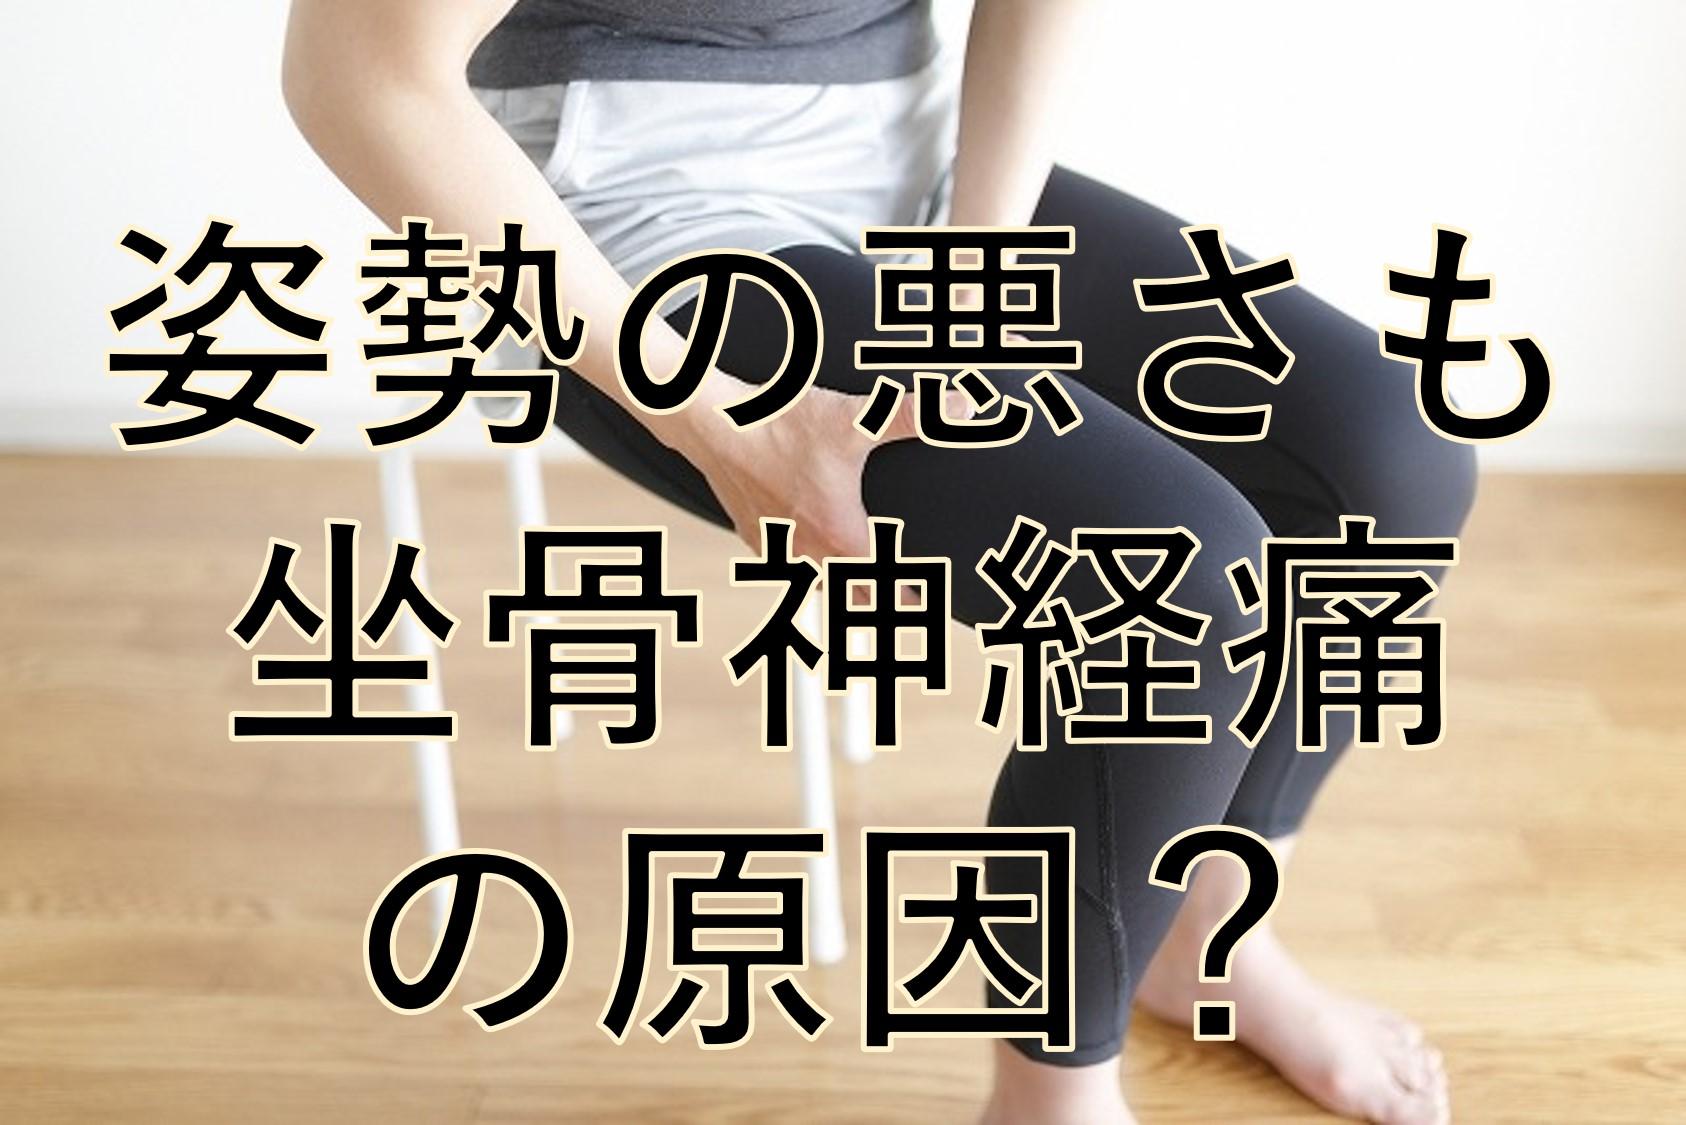 坐骨神経痛で足を押さえる女性